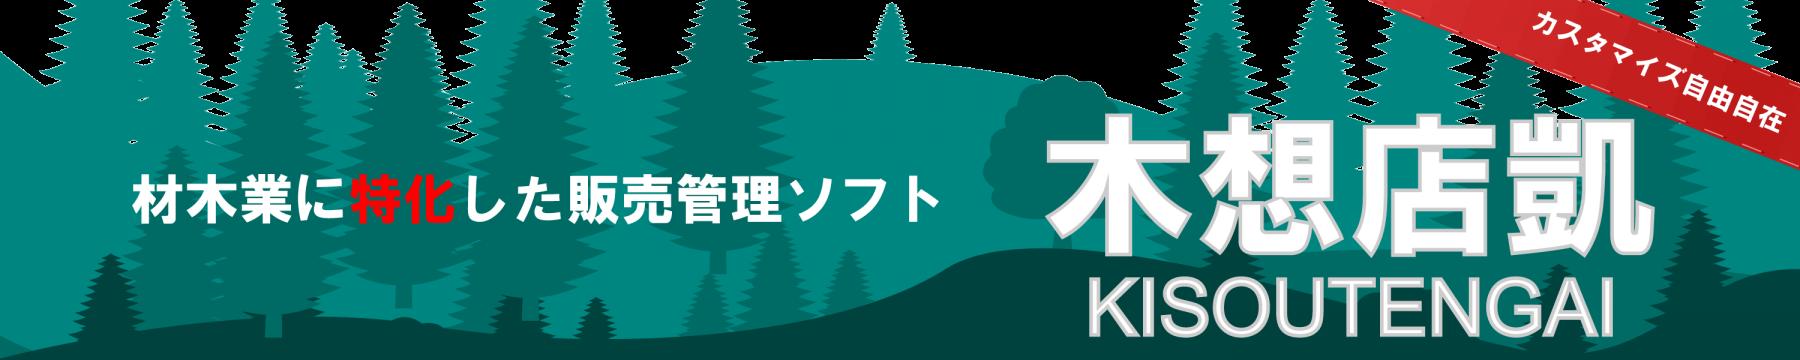 材木業に特化した販売管理ソフト『木想店凱』を販売しています。